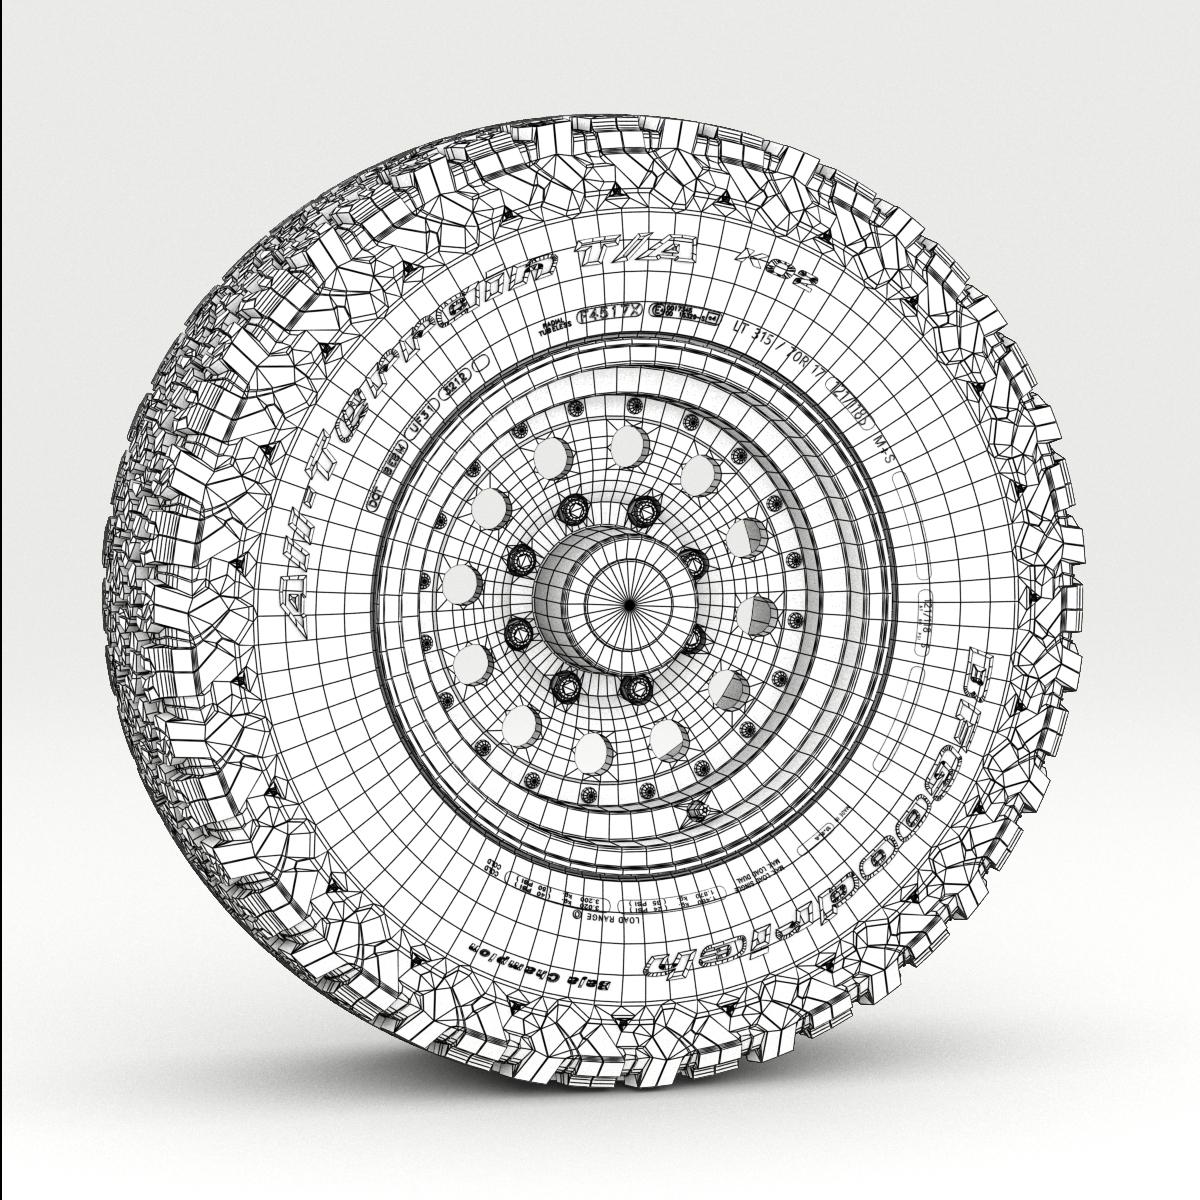 off road wheel and tire 5 3d model 3ds max fbx tga targa icb vda vst pix obj 224478